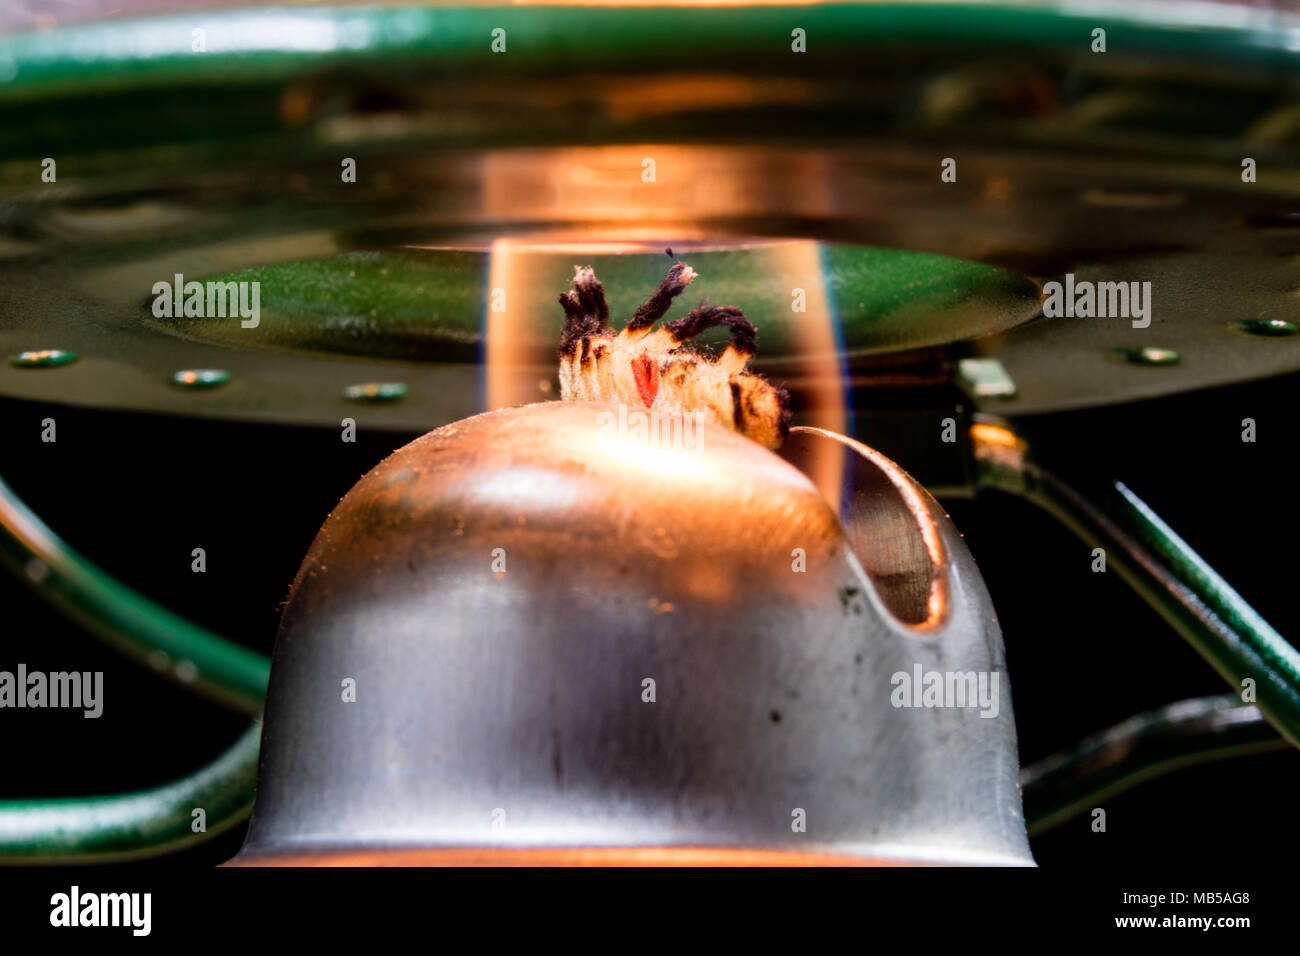 Old technology for interior lighting. Oil lamp, wick, kerosene in the photo. Dark background. - Stock Image